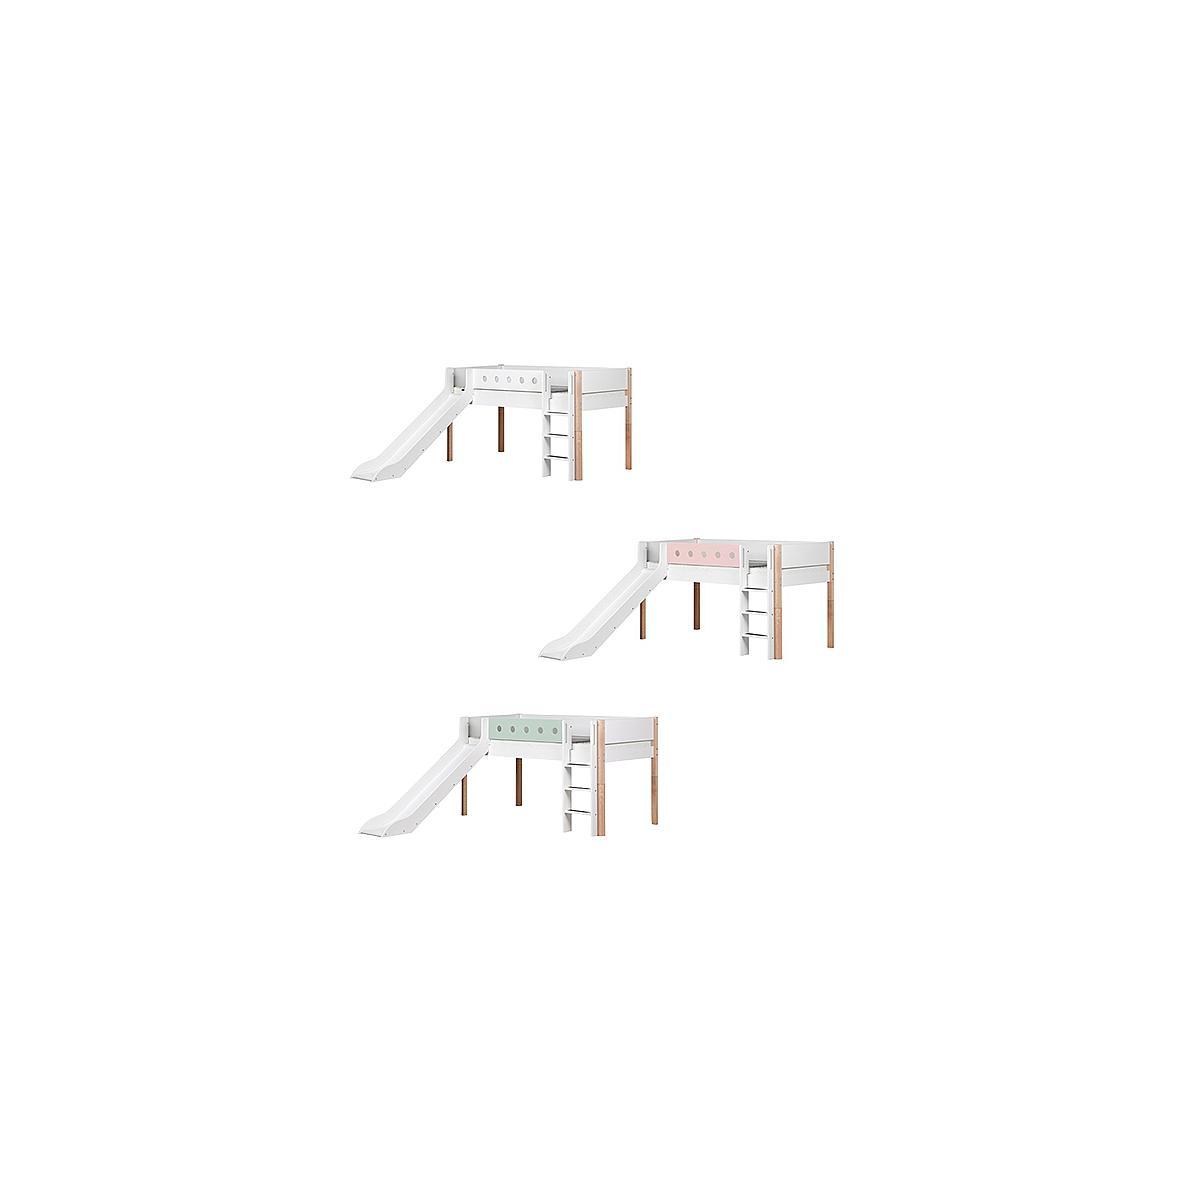 Cama media alta 90x190 WHITE Flexa escalera recta tobogán barrera blanca patas abedul